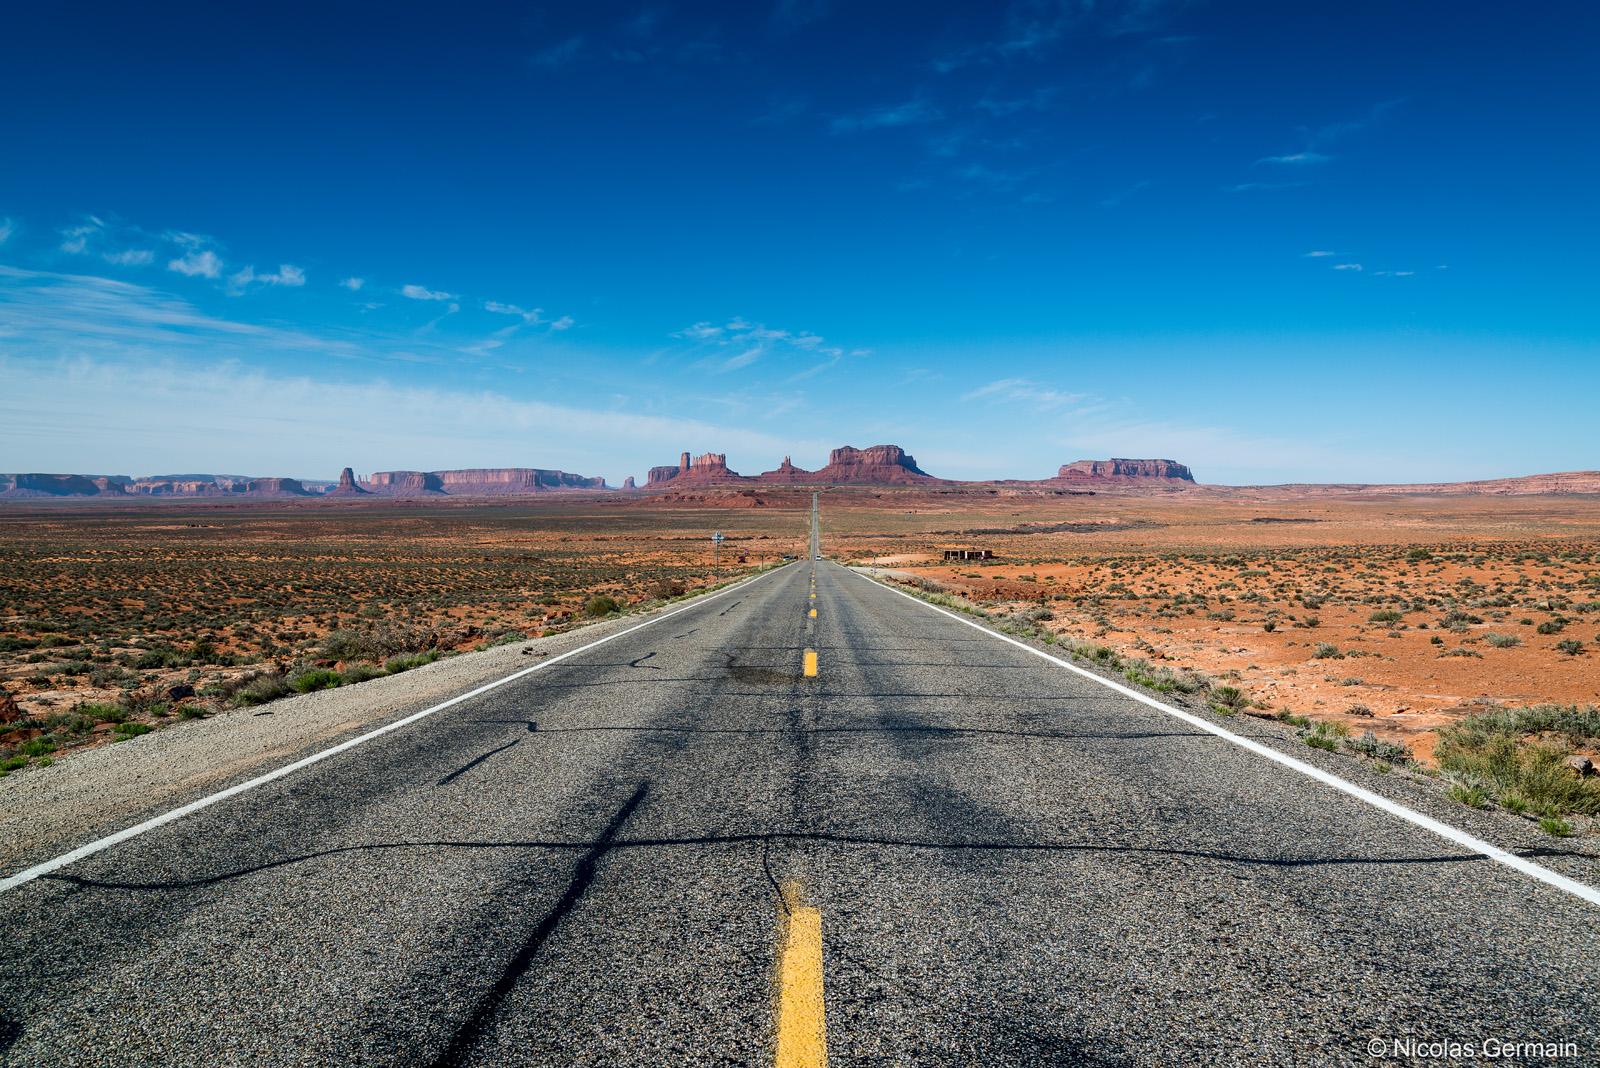 Entre Monument Valley et Mexican Hat, un paysage vu de nombreuses fois au cinéma (Forrest Gump notamment)